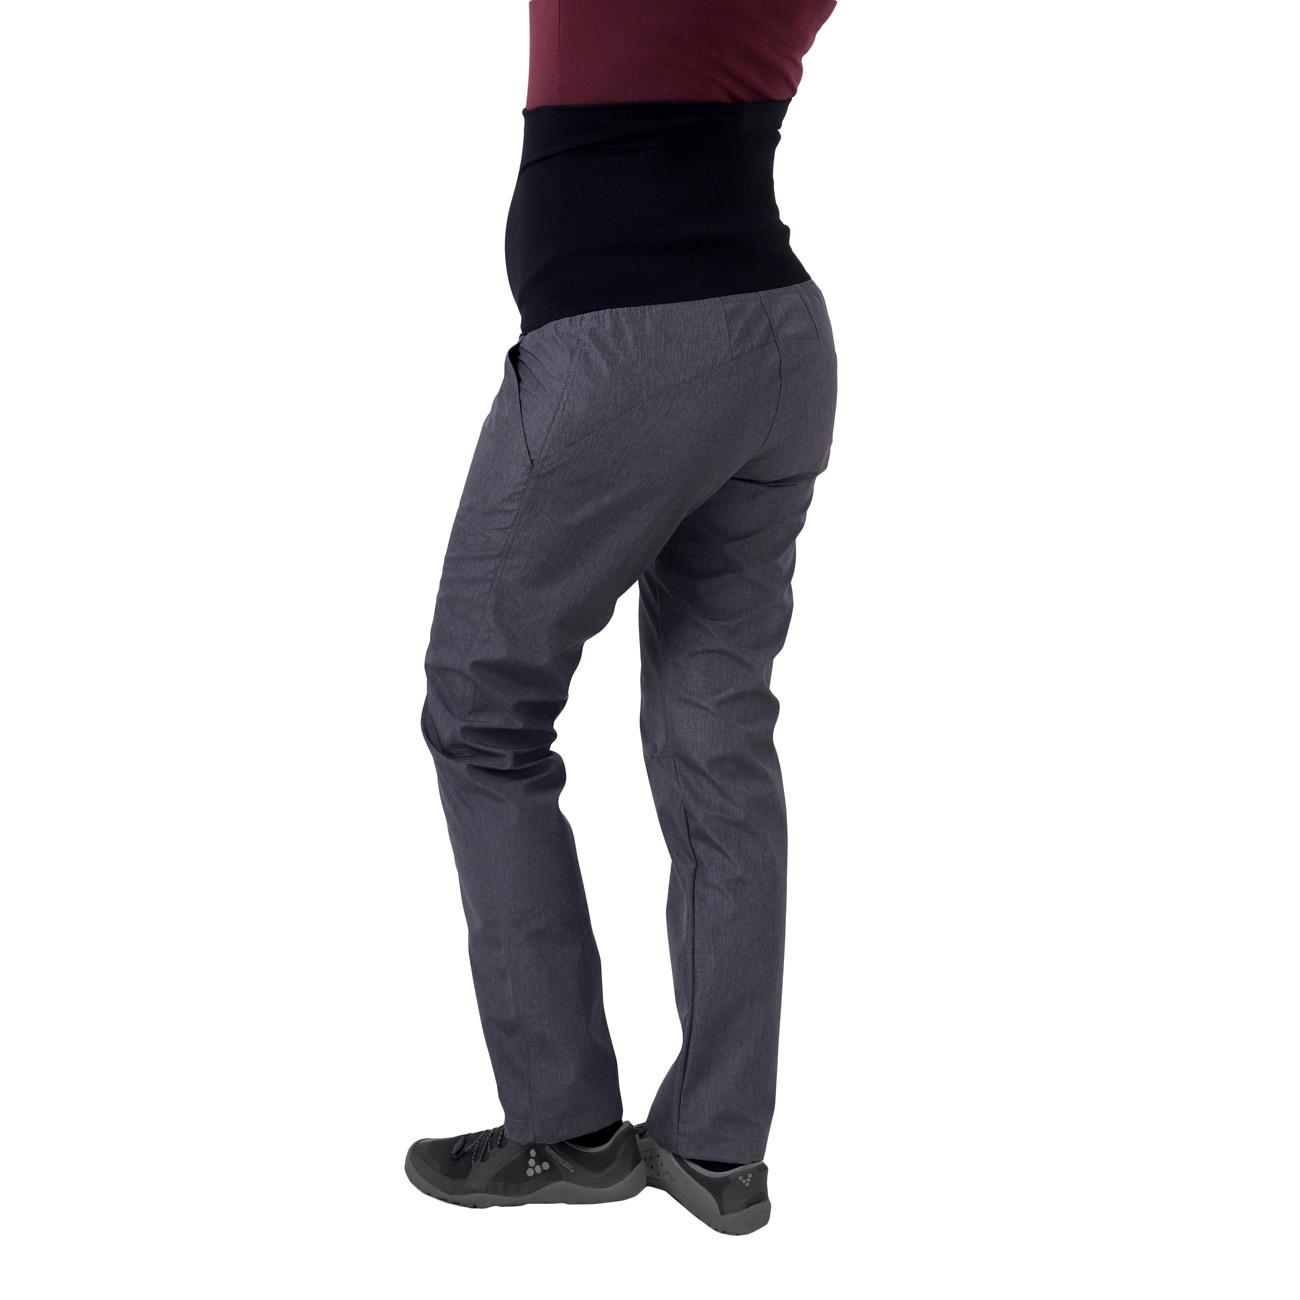 Jarní/letní těhotenské softshellové kalhoty liva, šedý melír, 42 prodloužené